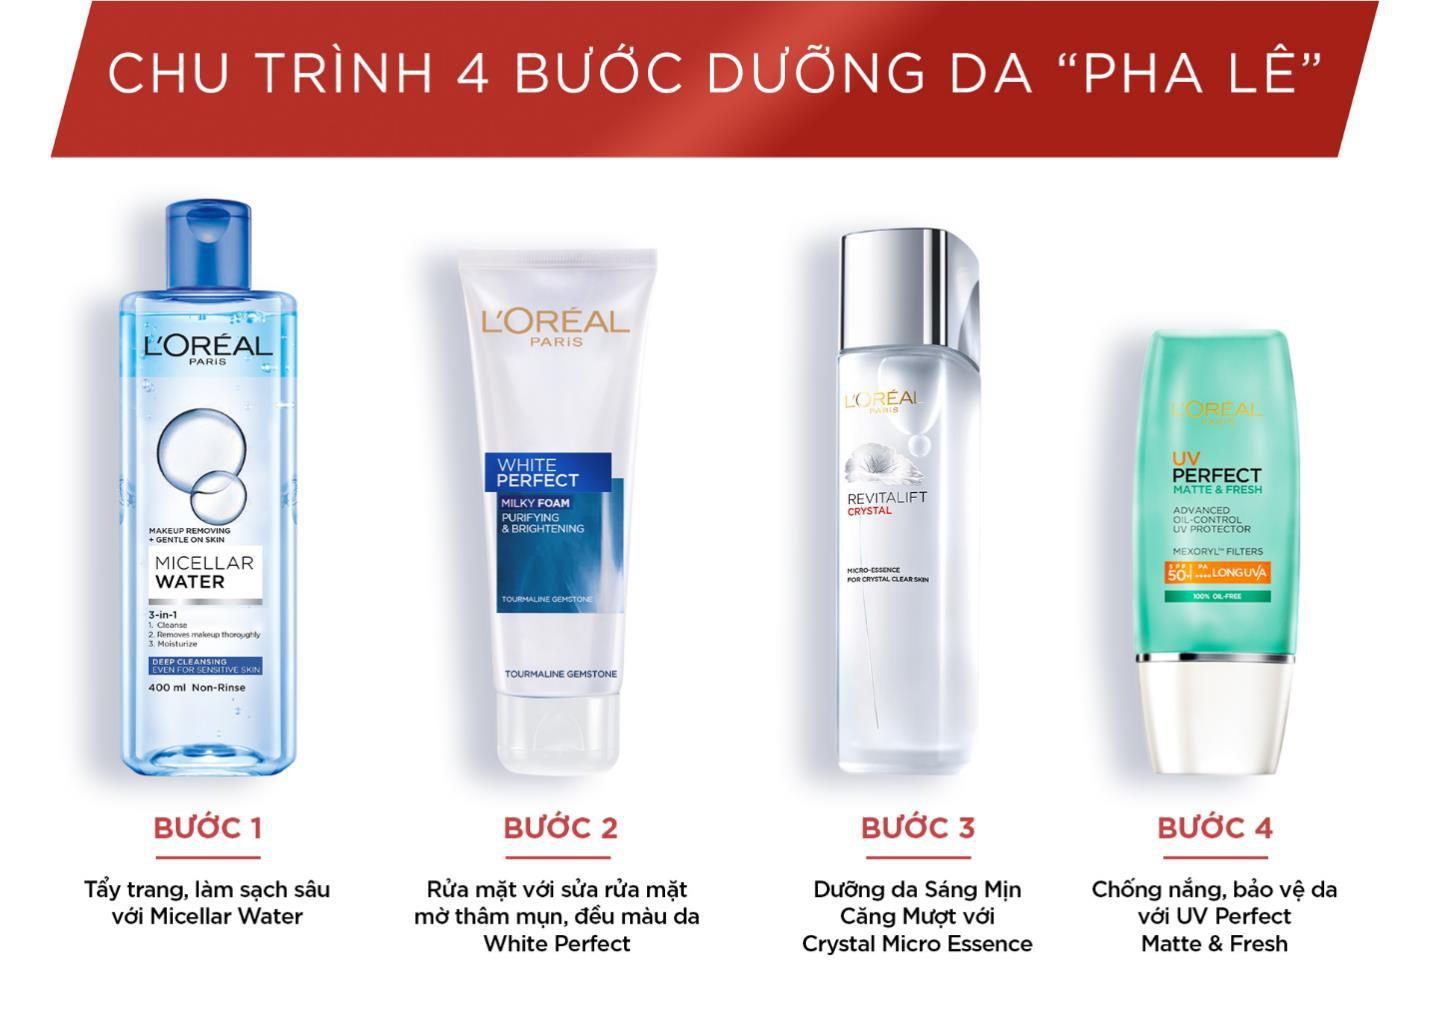 Đánh giá từ A đến Z dưỡng chất căng mướt da đang được beauty blogger ưa chuộng - Ảnh 7.